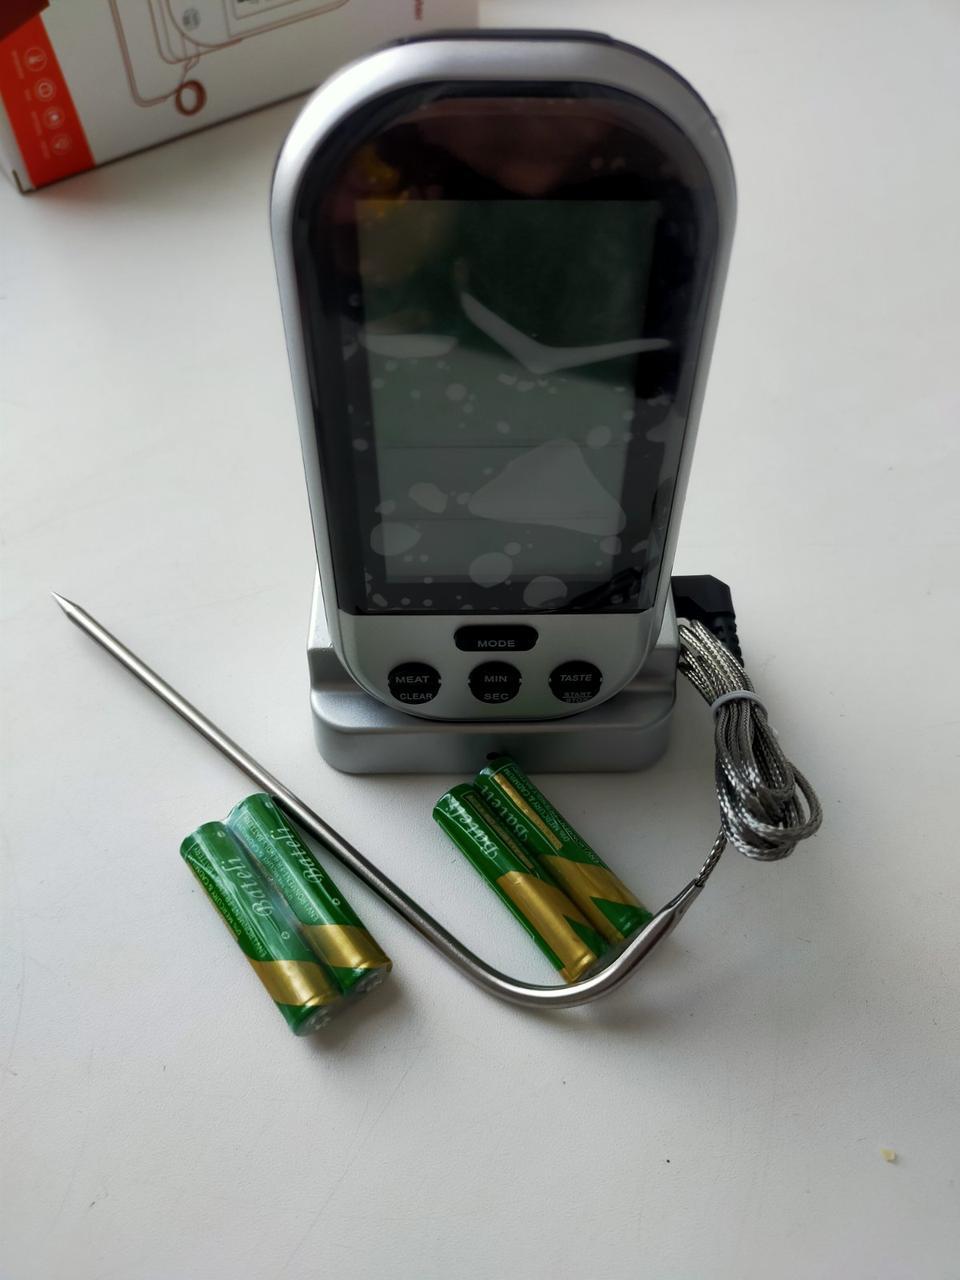 Термометр кулінарний для м'яса зі щупом T-808 цифровий термометр з вибором ступеня підсмажування